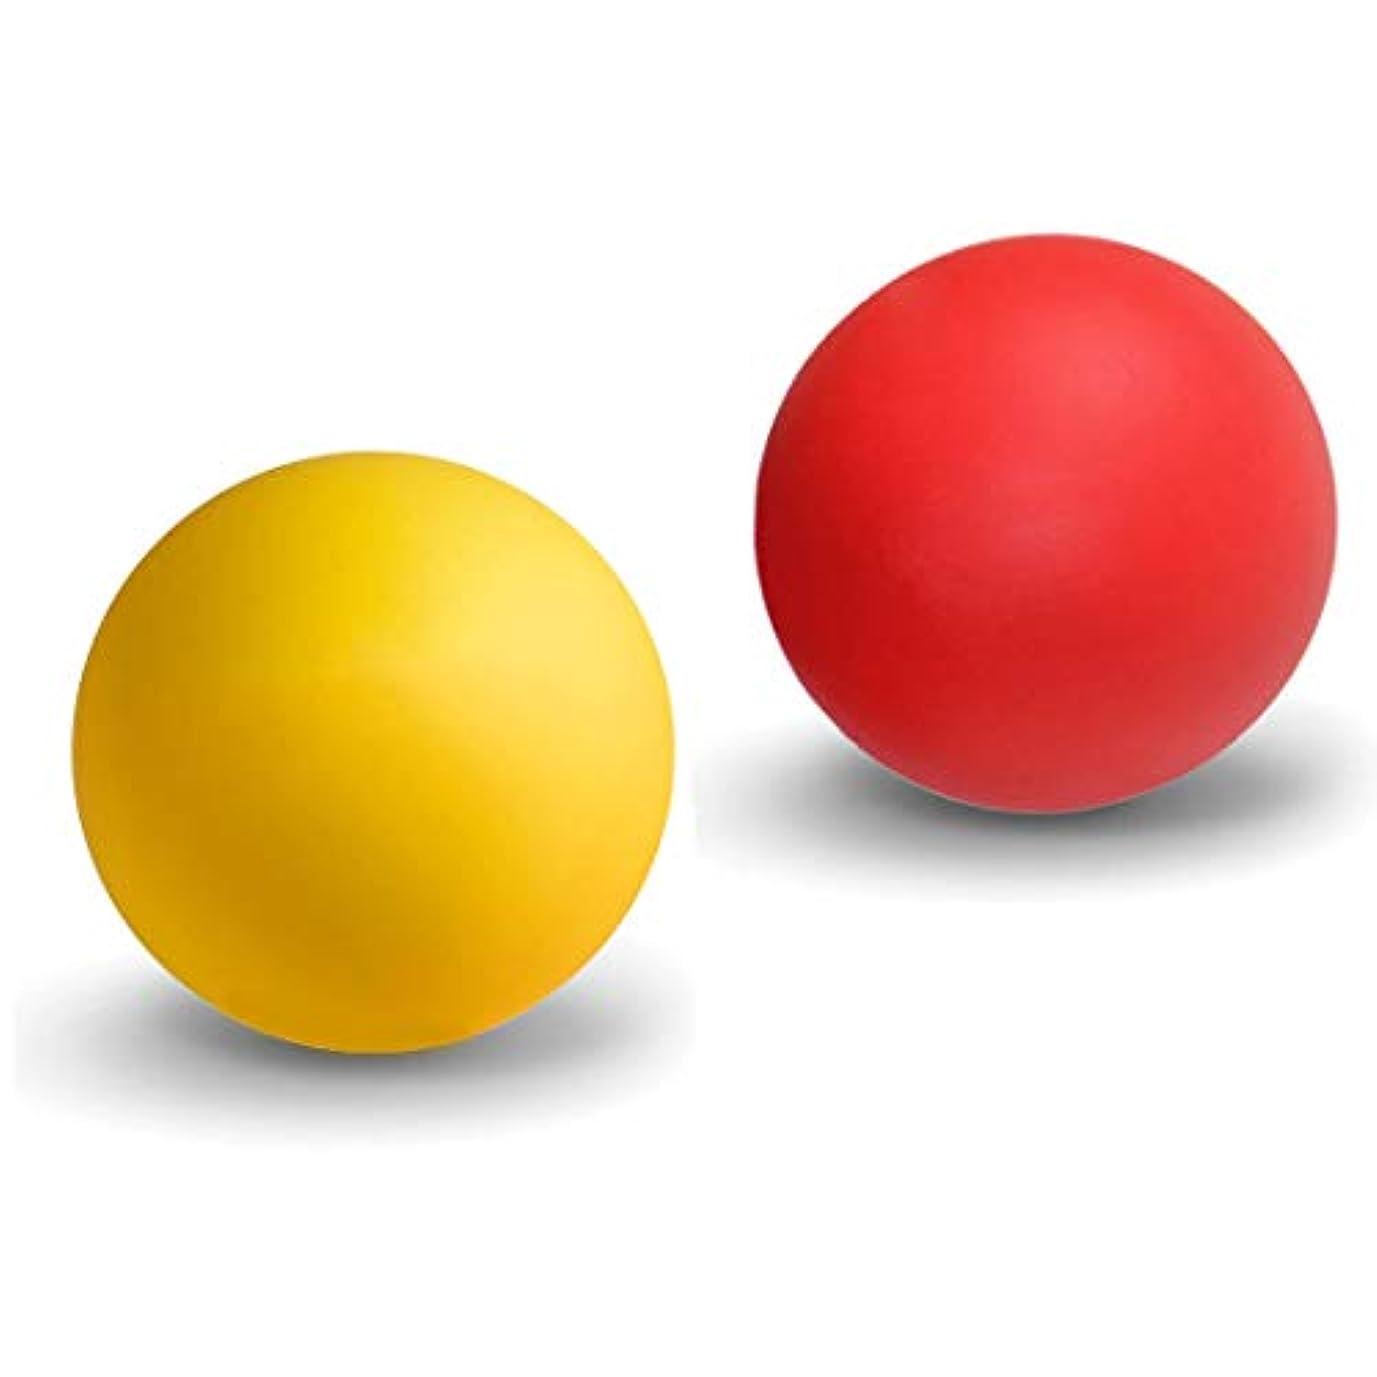 時間厳守義務づける続編マッサージボール ストレッチボール トリガーポイント ラクロスボール 筋膜リリース トレーニング 指圧ボールマッスルマッサージボール 背中 肩こり 腰 ふくらはぎ 足裏 ツボ押しグッズ 2で1組み合わせ 2個 セット